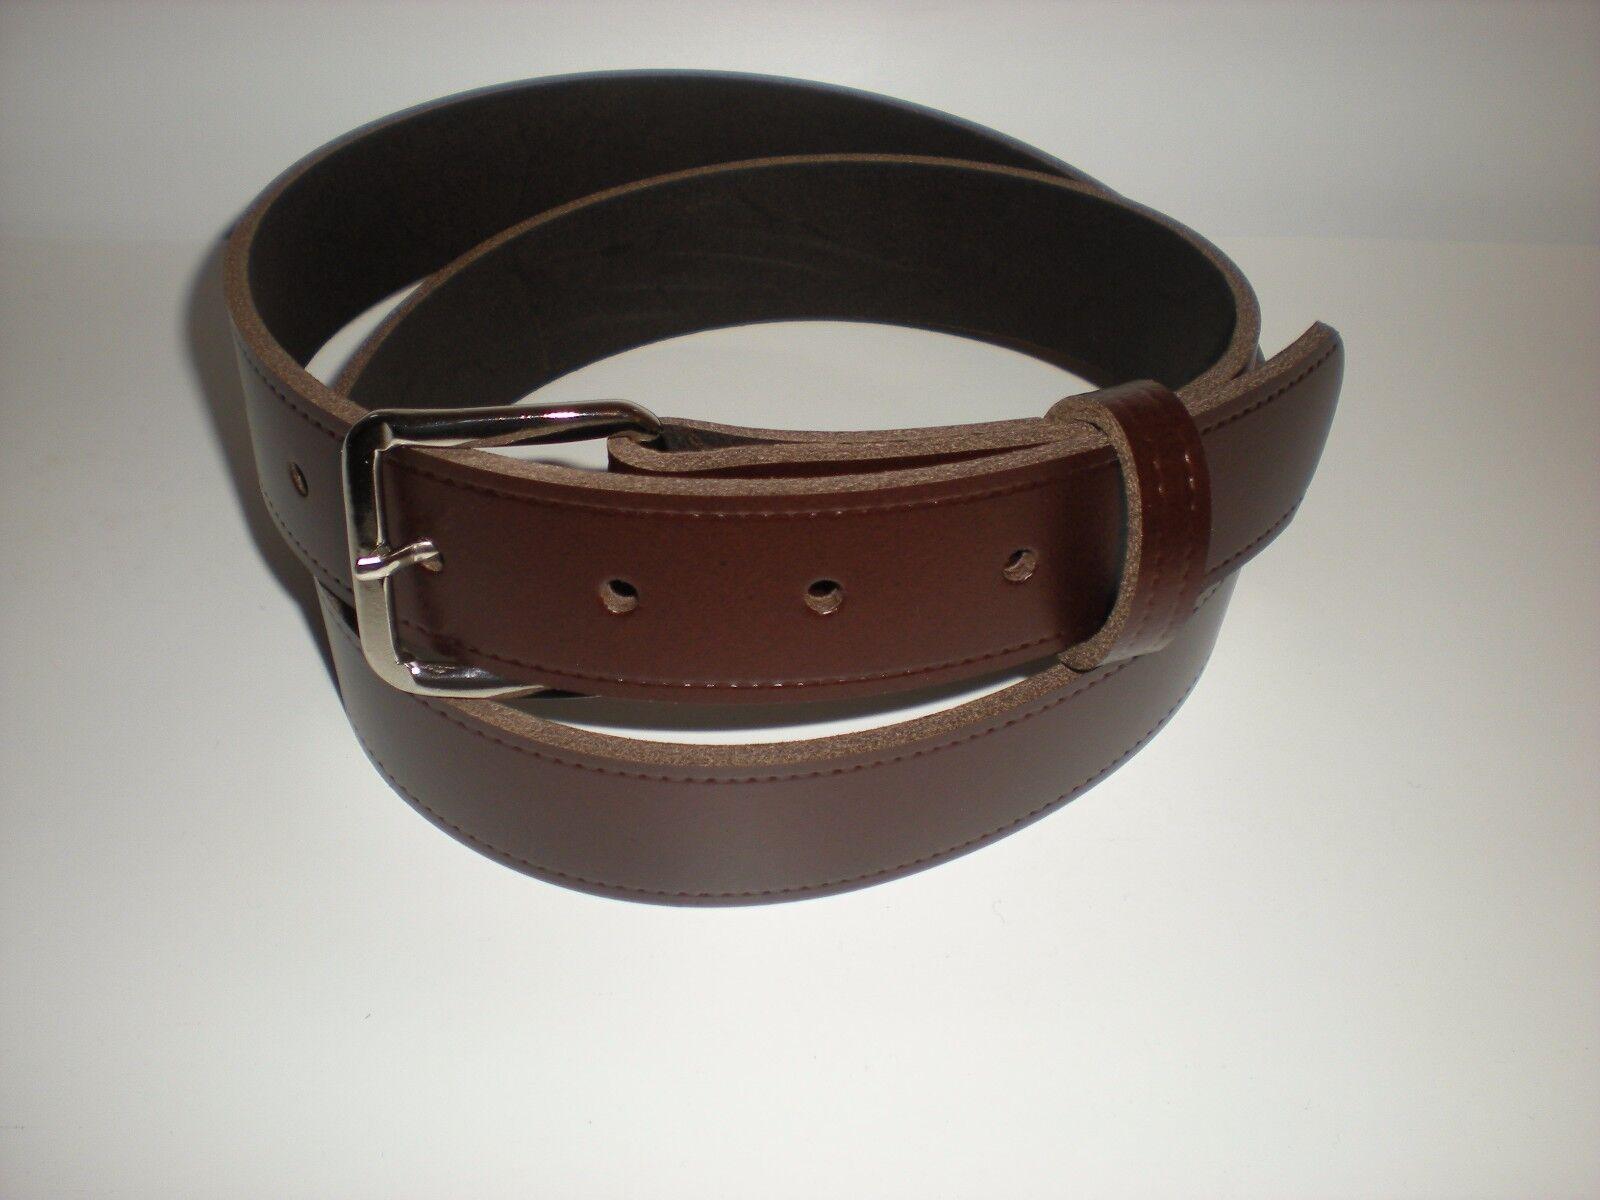 Braun ledergürtel passend für herren und damen von s bis XXL größen 32mm